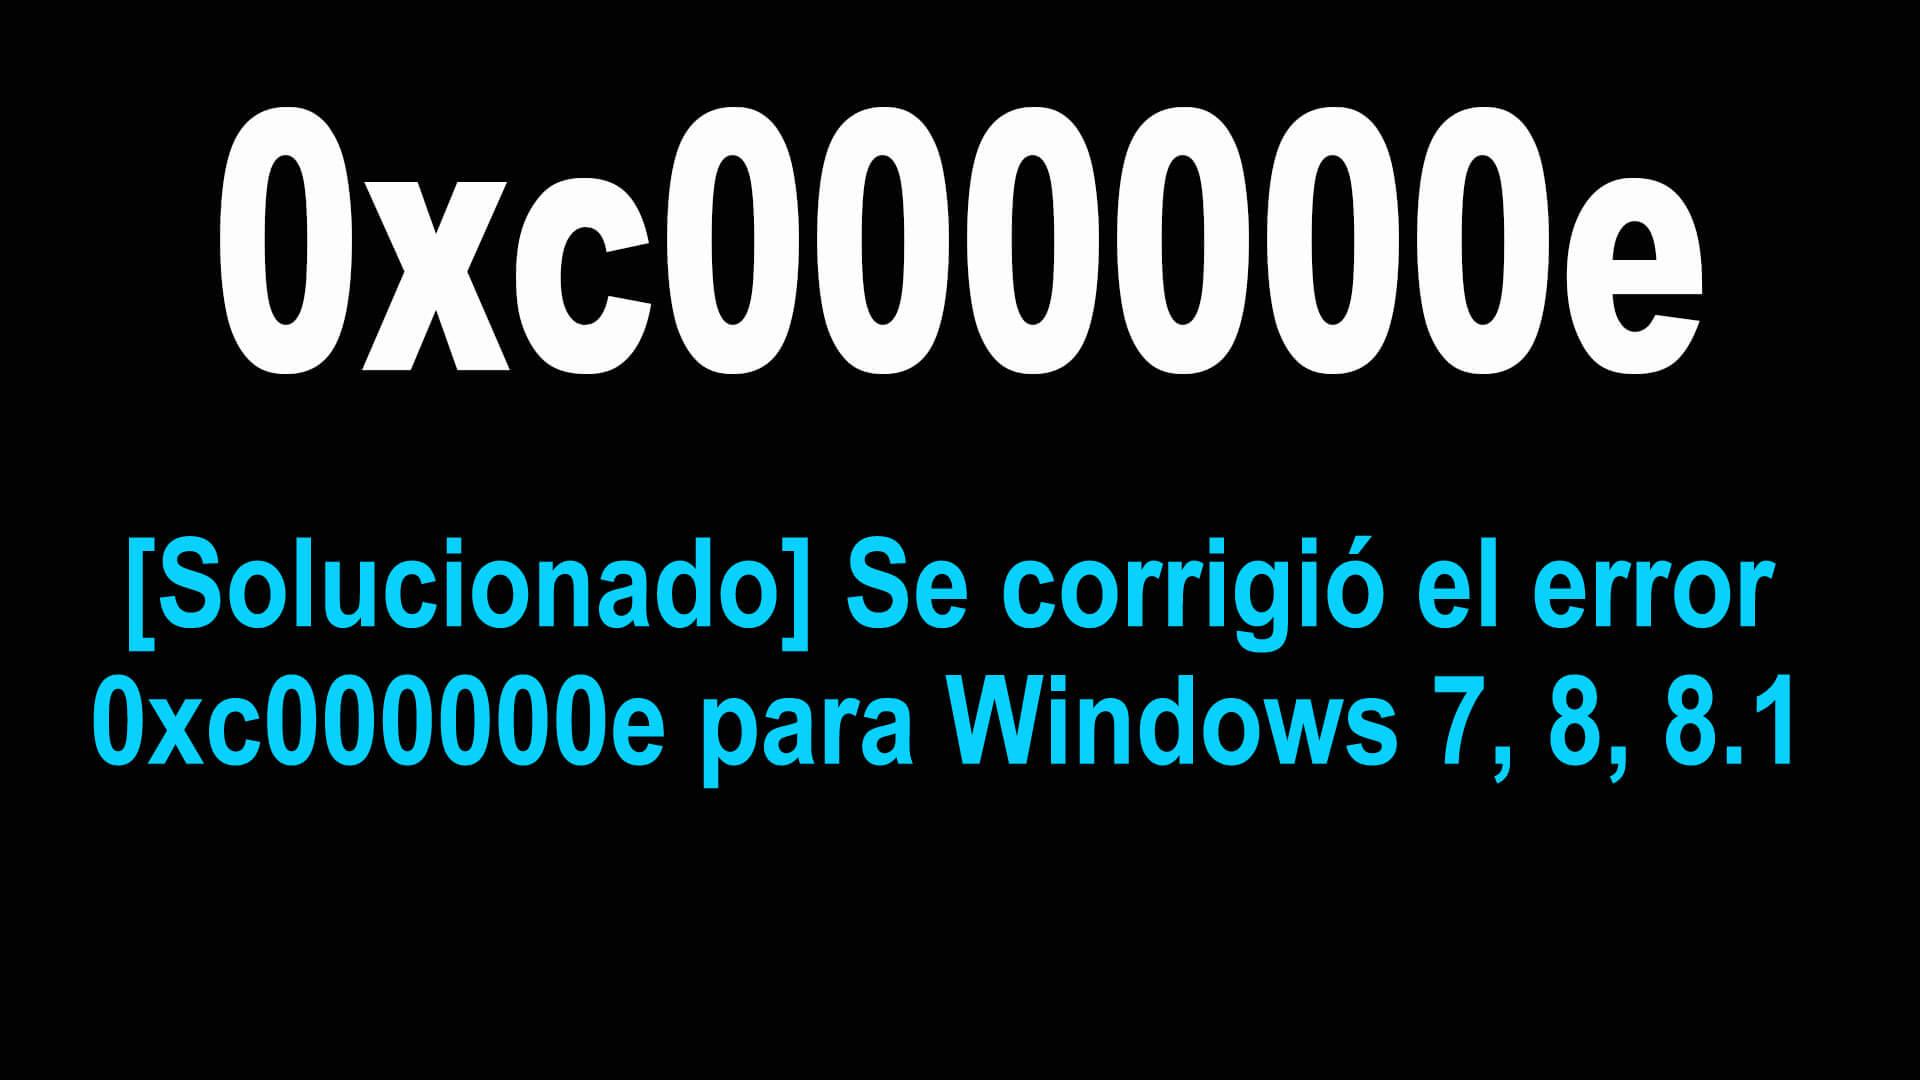 error 0xc000000e